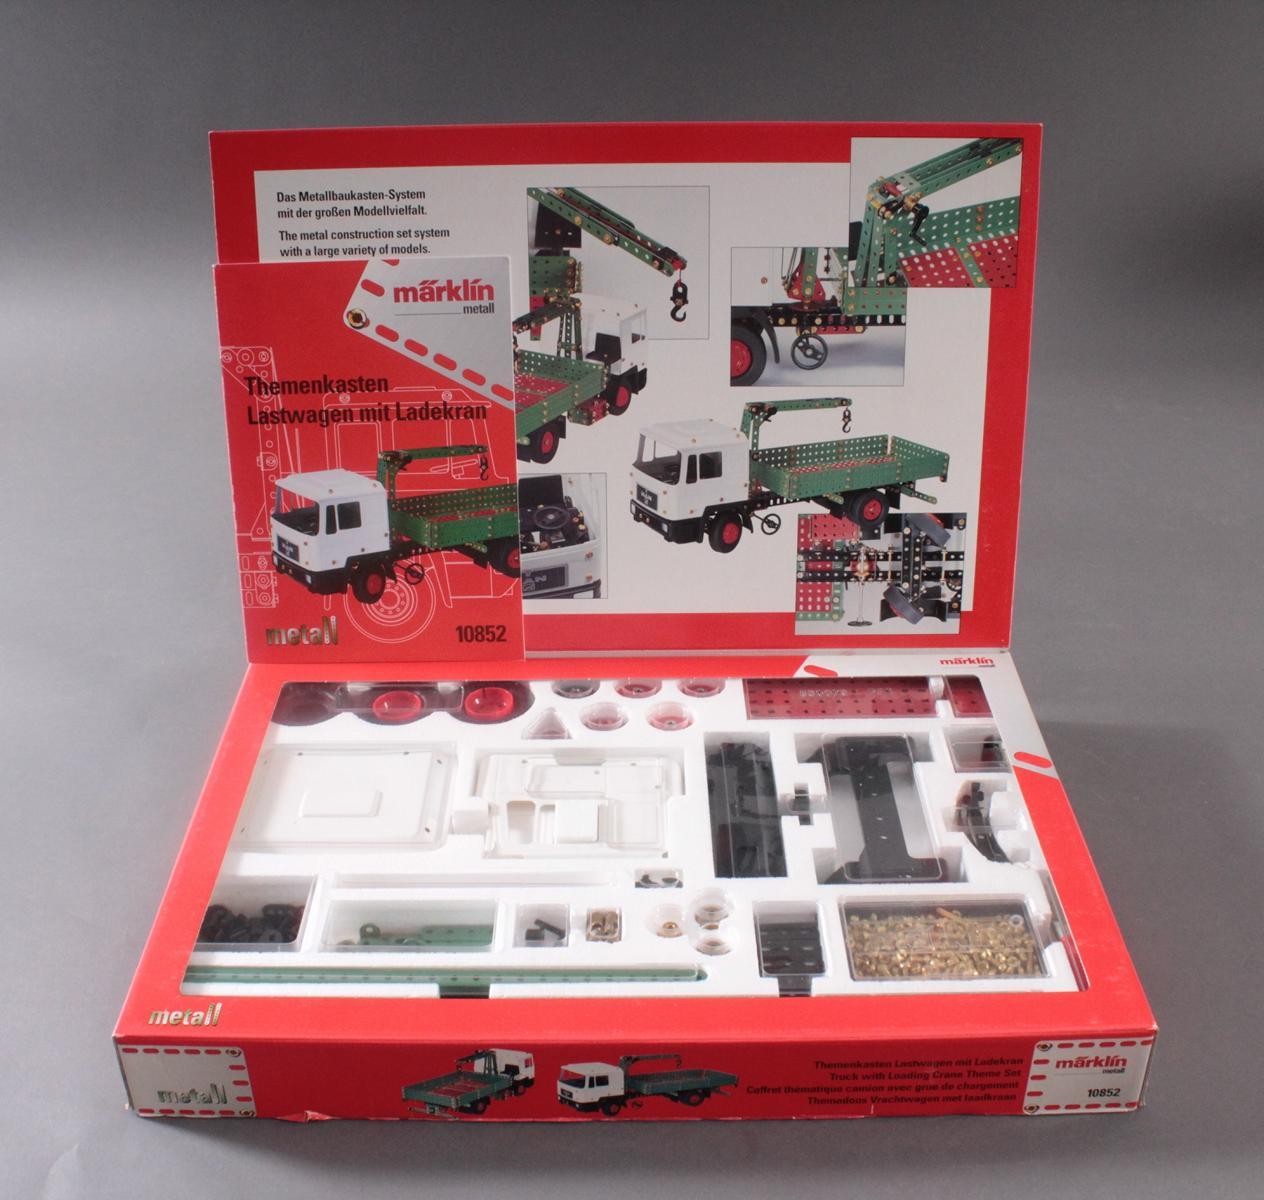 Märklin 10852 Themenkasten Lastwagen mit Ladekran